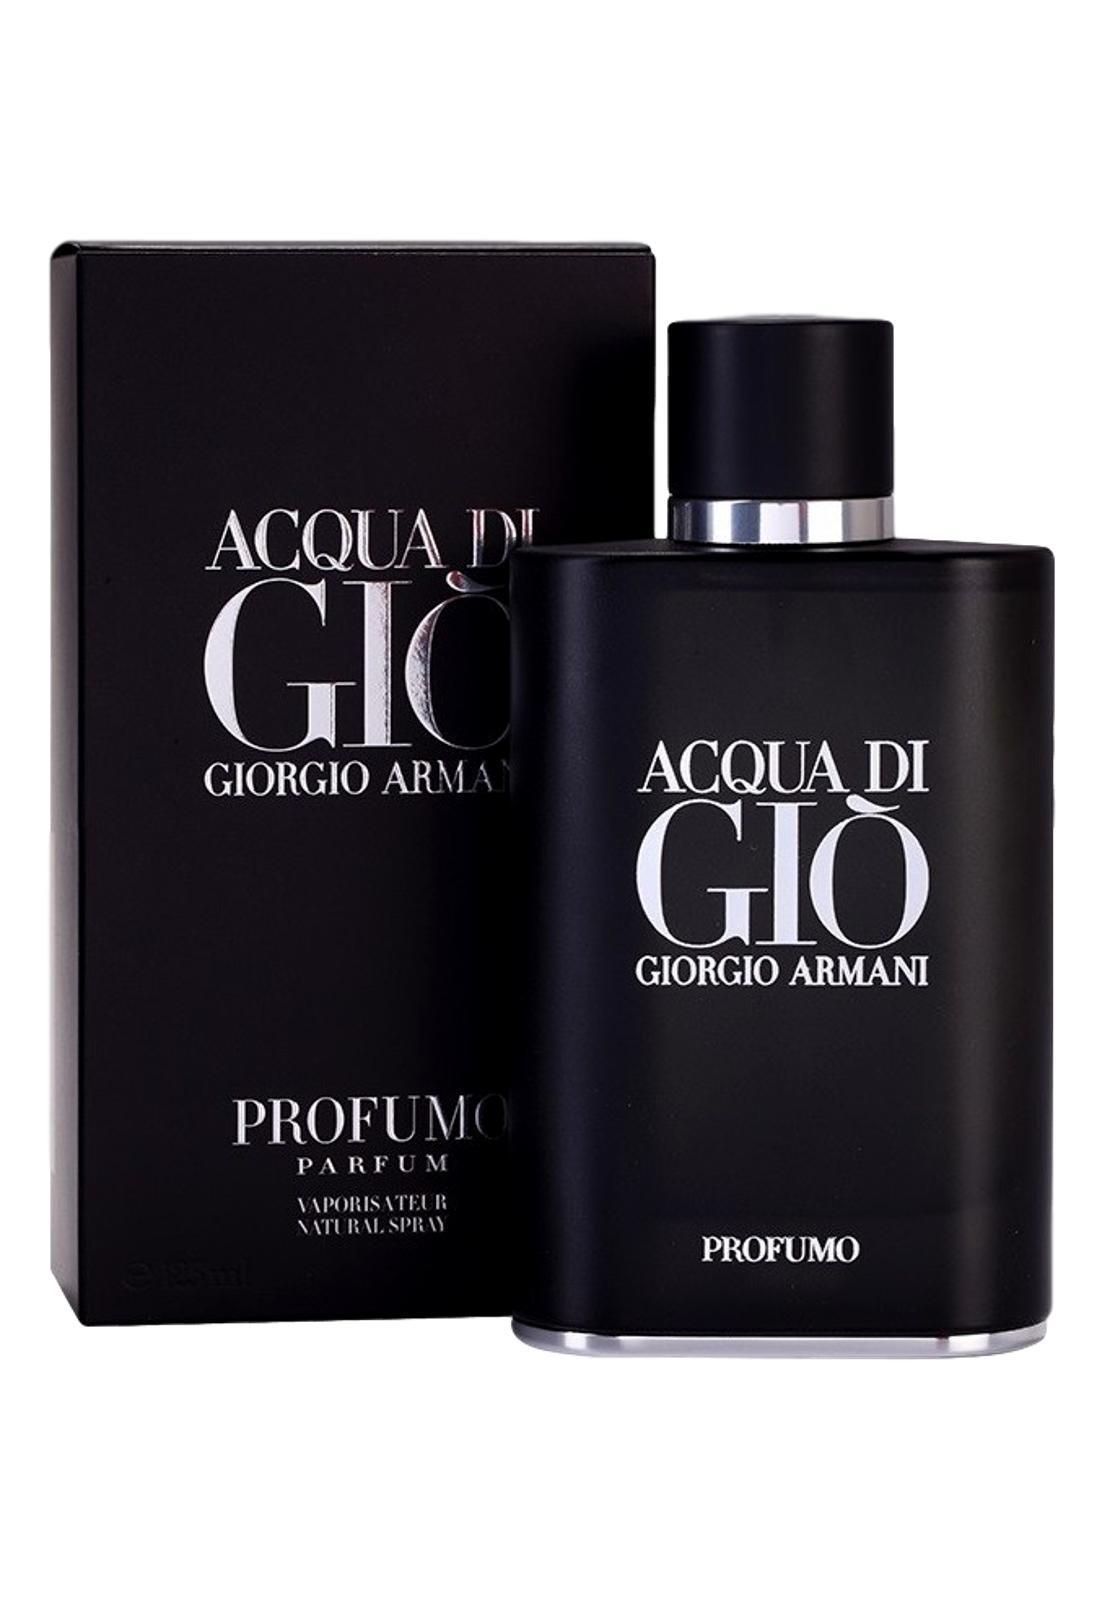 ACQUA DI GIÒ PROFUMO 75 ml